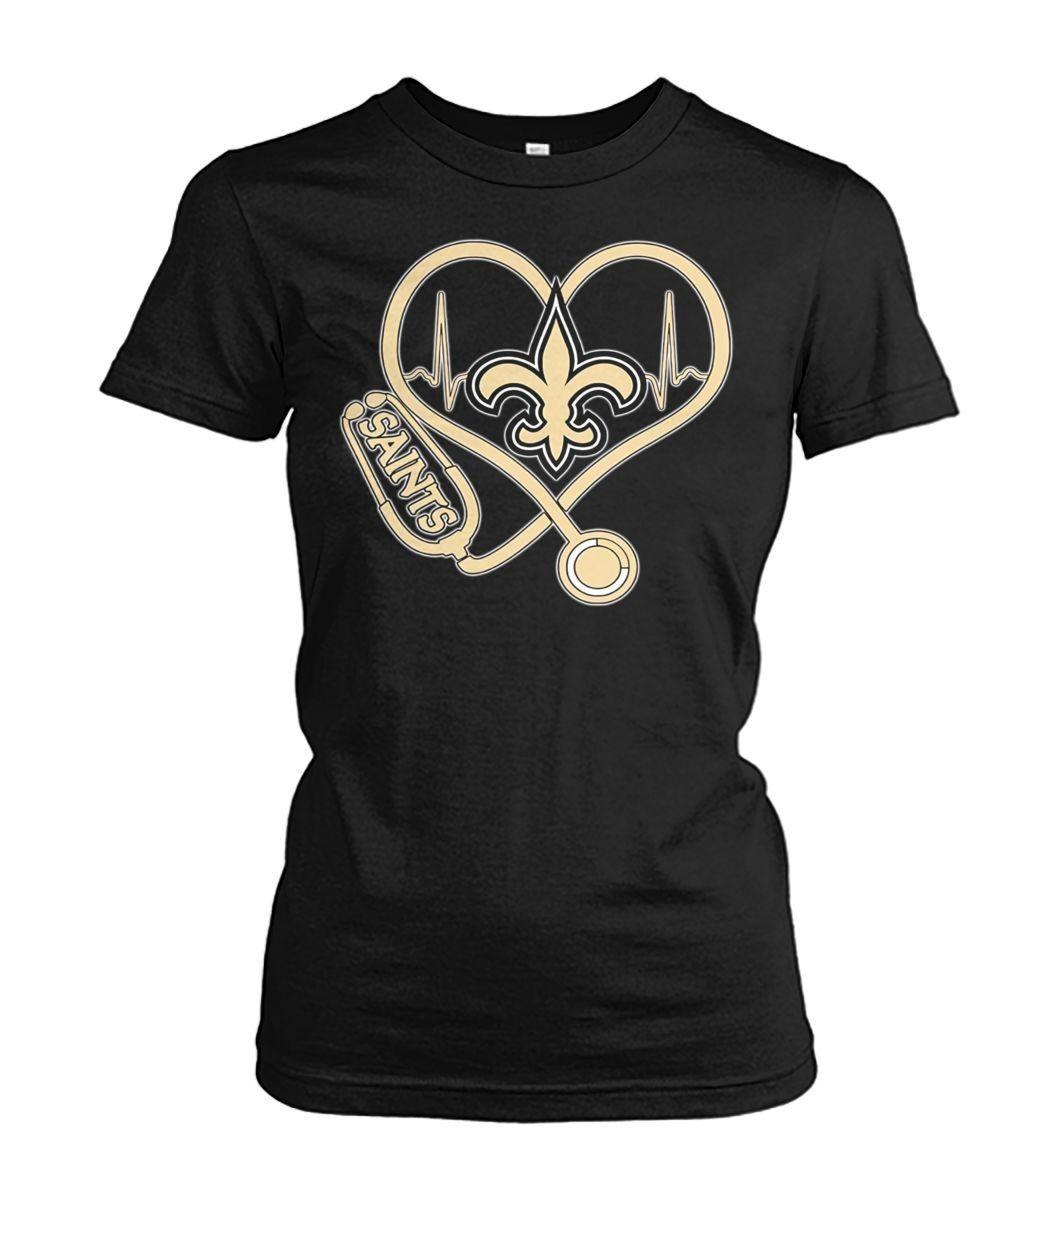 Nurse Heartbeat New Orleans Saints shirt